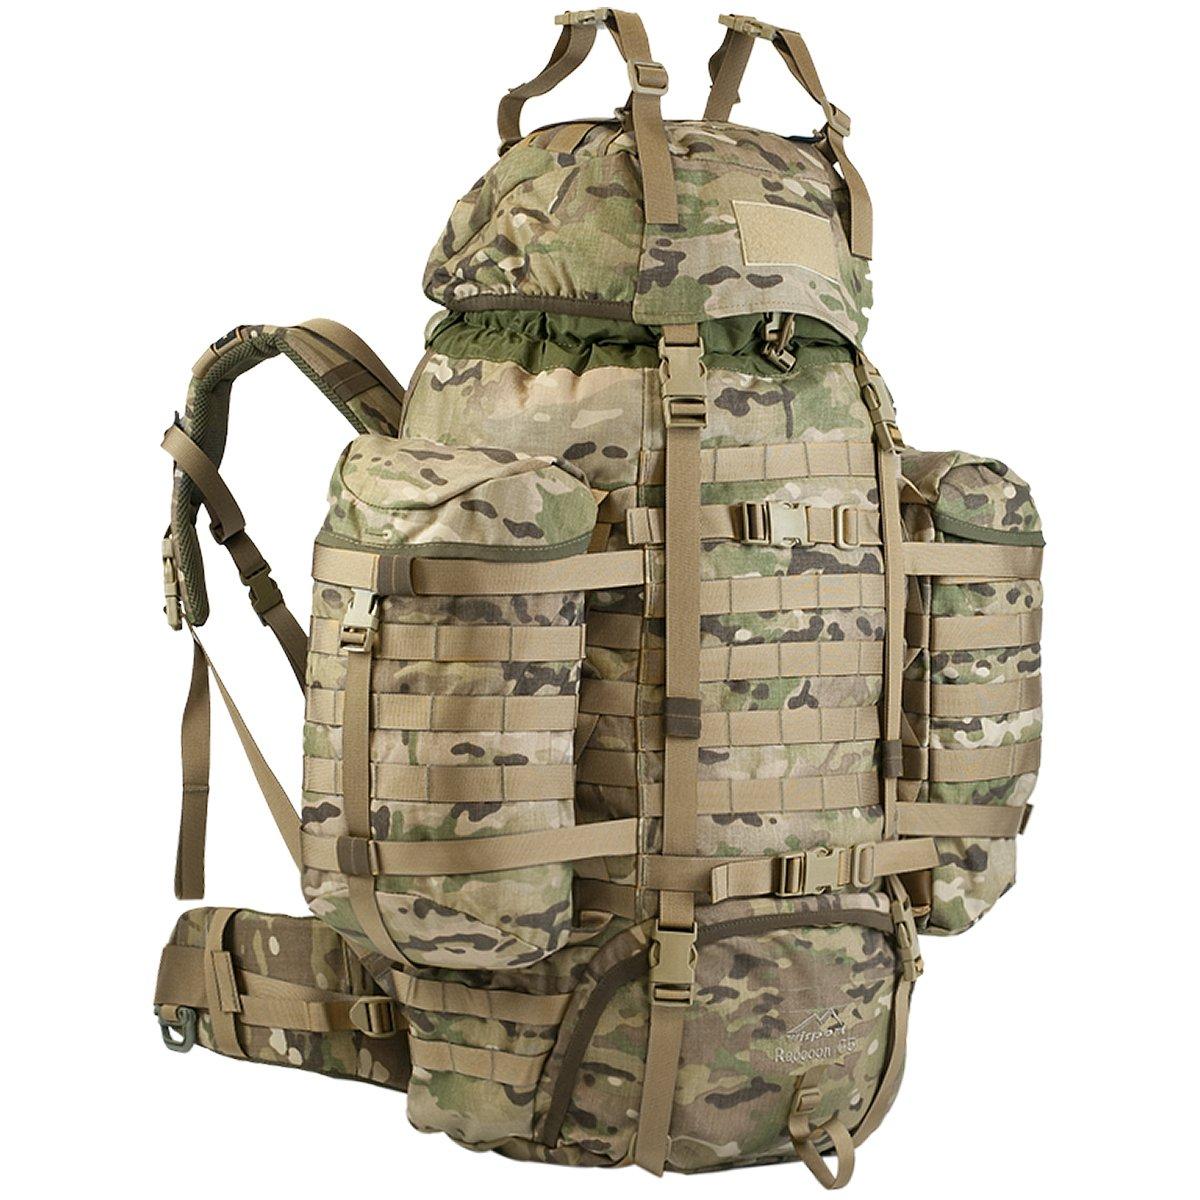 Multicam US Sac à dos Militaire Wisport Raccoon 65Litres, Cordura, MOLLE, Survie, Sport, Plein air, Camping, Randonnée, Scoutisme, Trekking